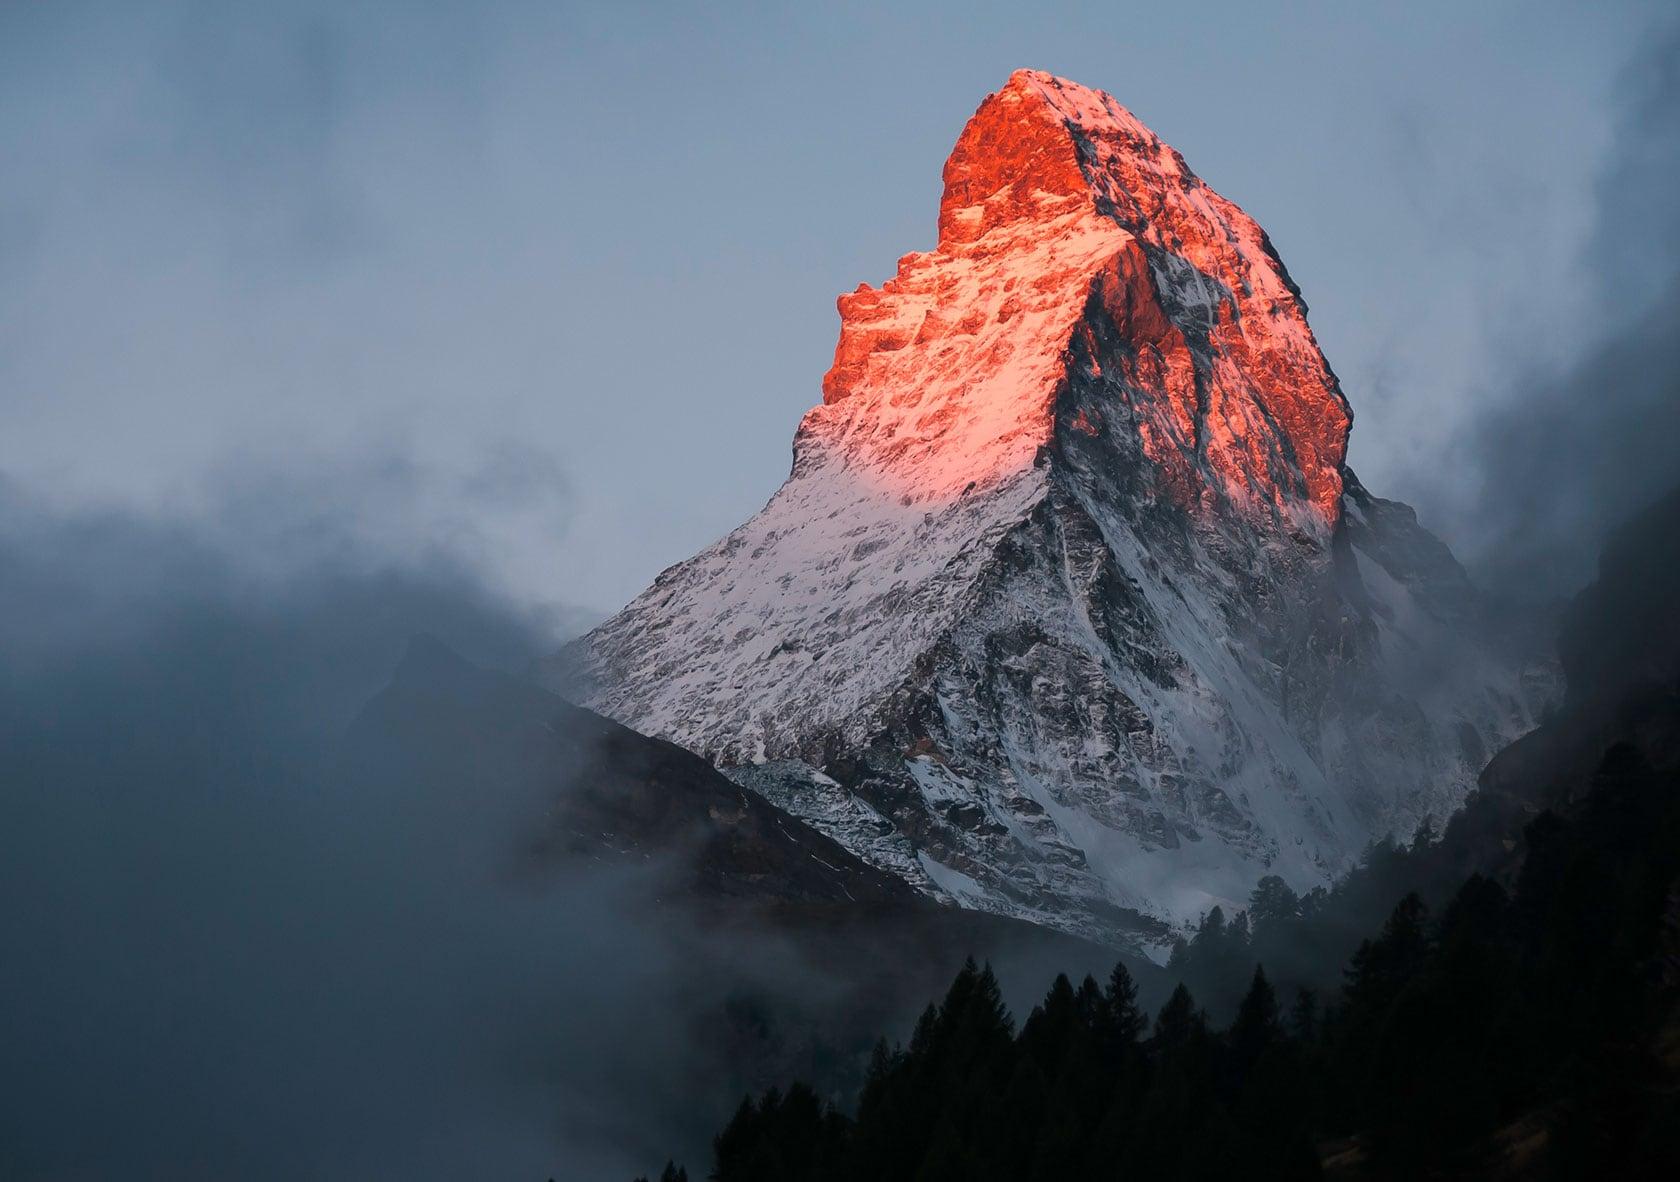 Bild eines Berges, die Spitze ist von der Sonne beleuchtet